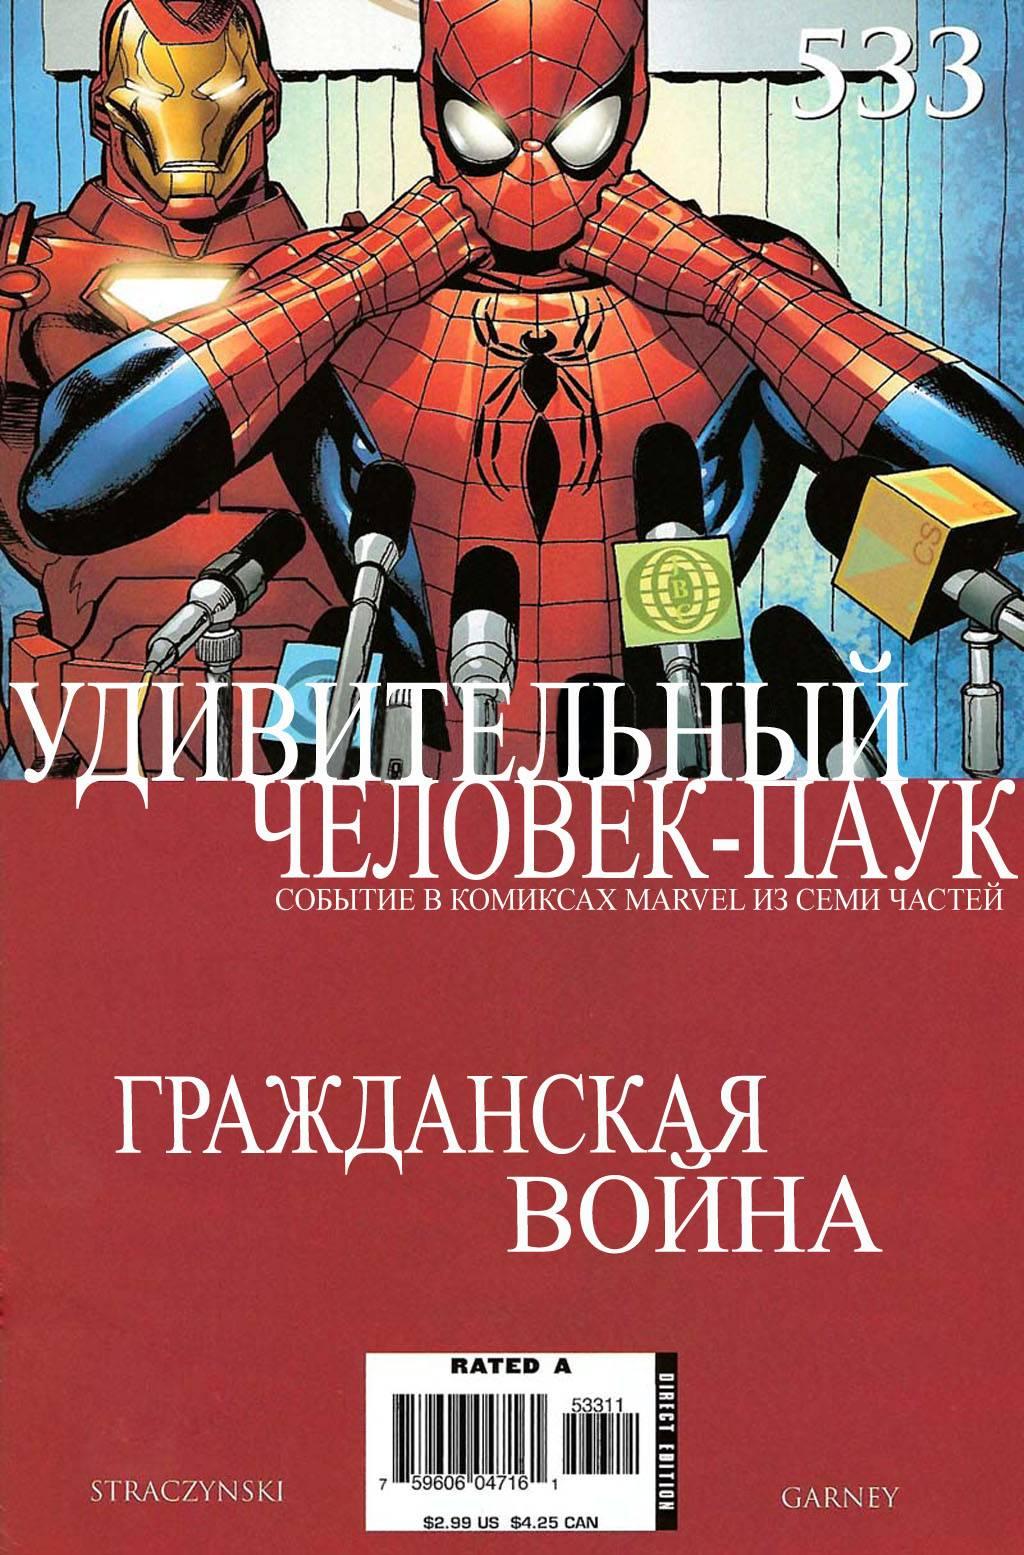 Удивительный Человек-паук №533 онлайн